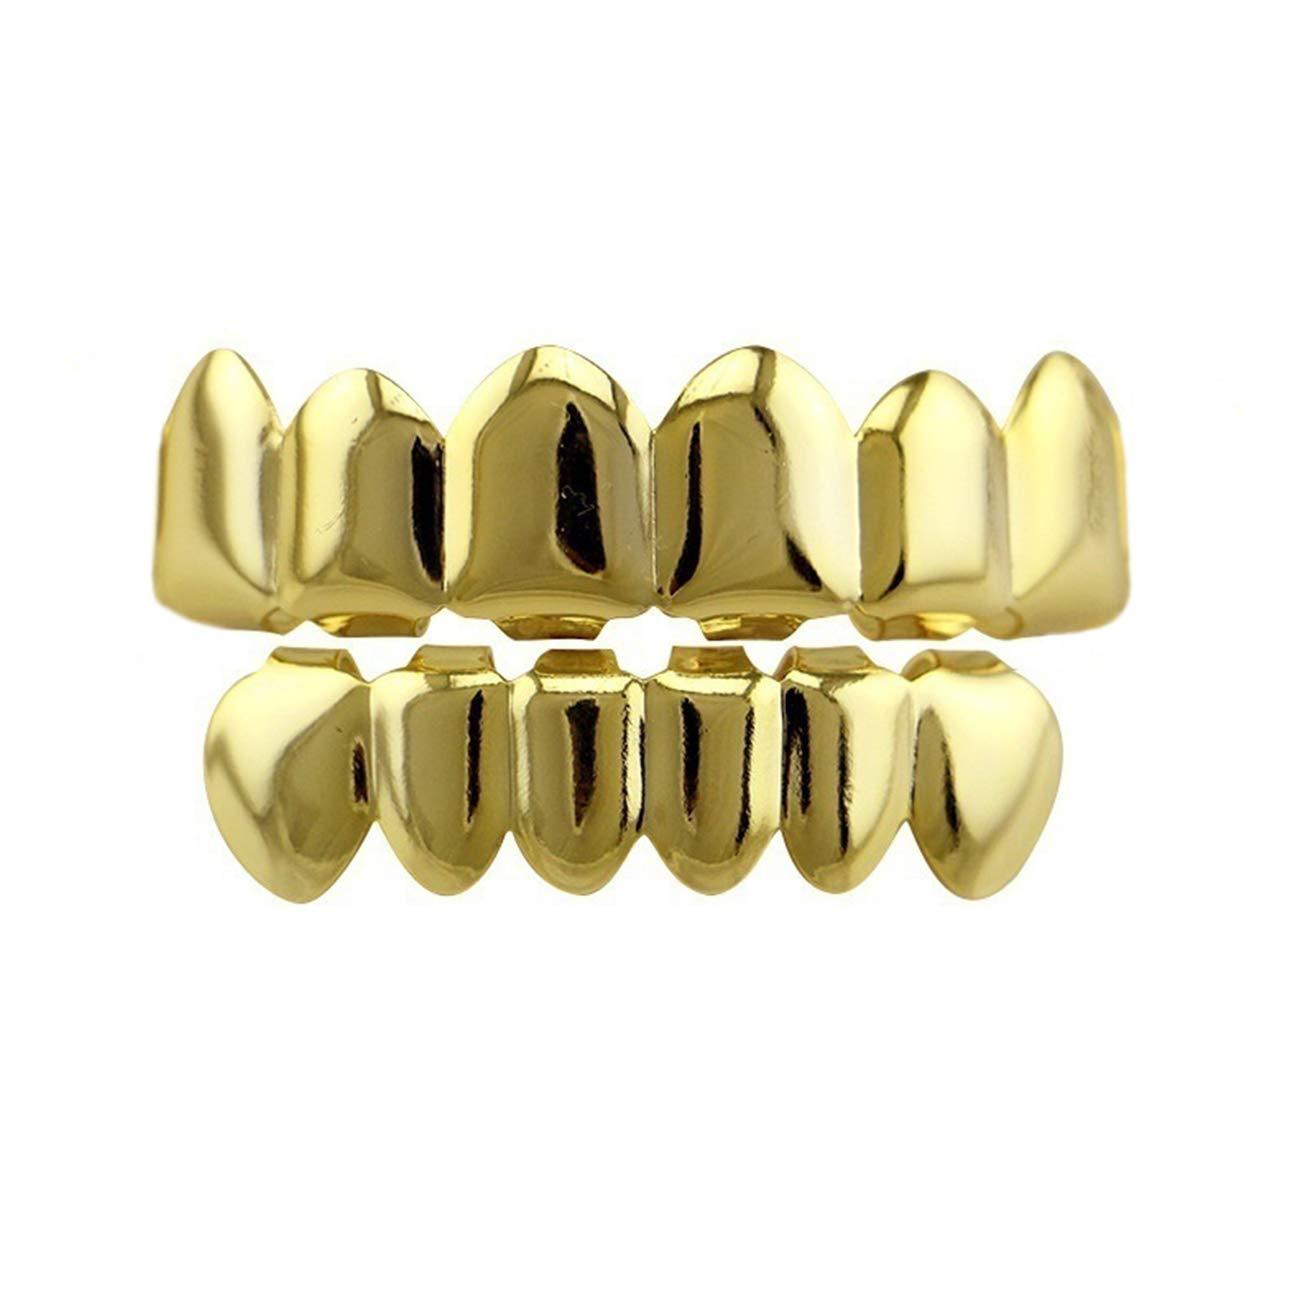 TEETH GRILLS - R150 A SET